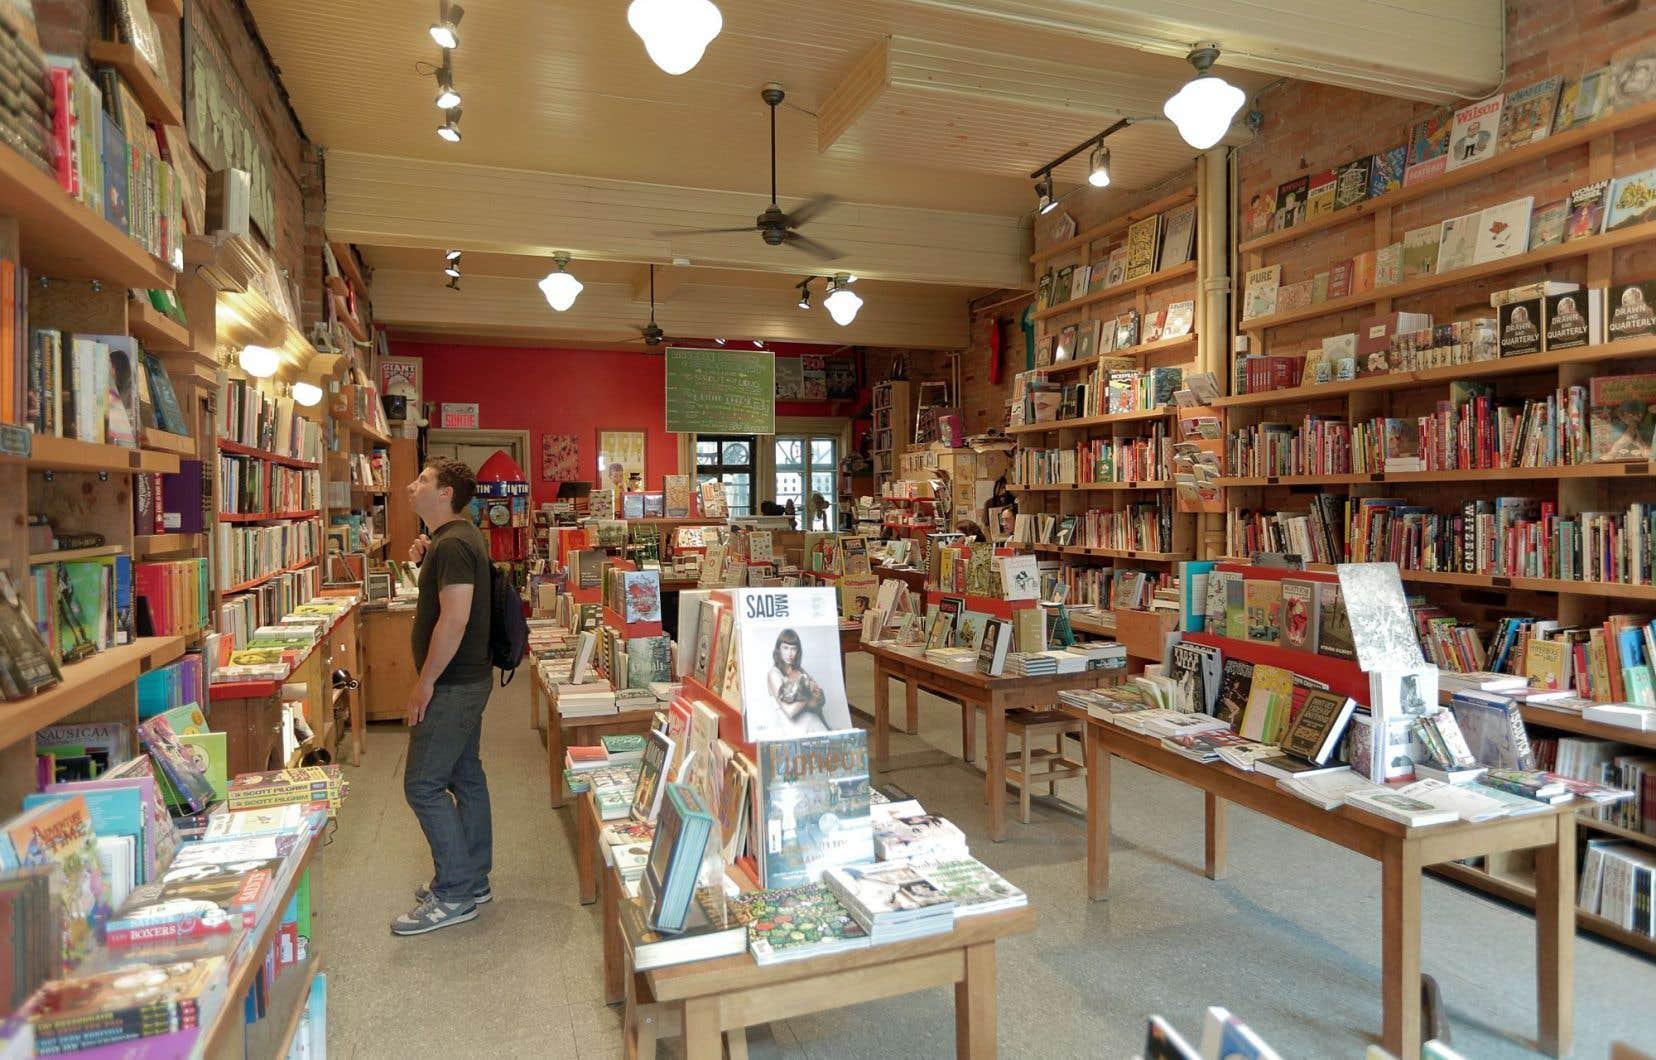 Alors que les ventes globales de livres ont diminué ces dernières années, la fréquentation des librairies indépendantes est en hausse.